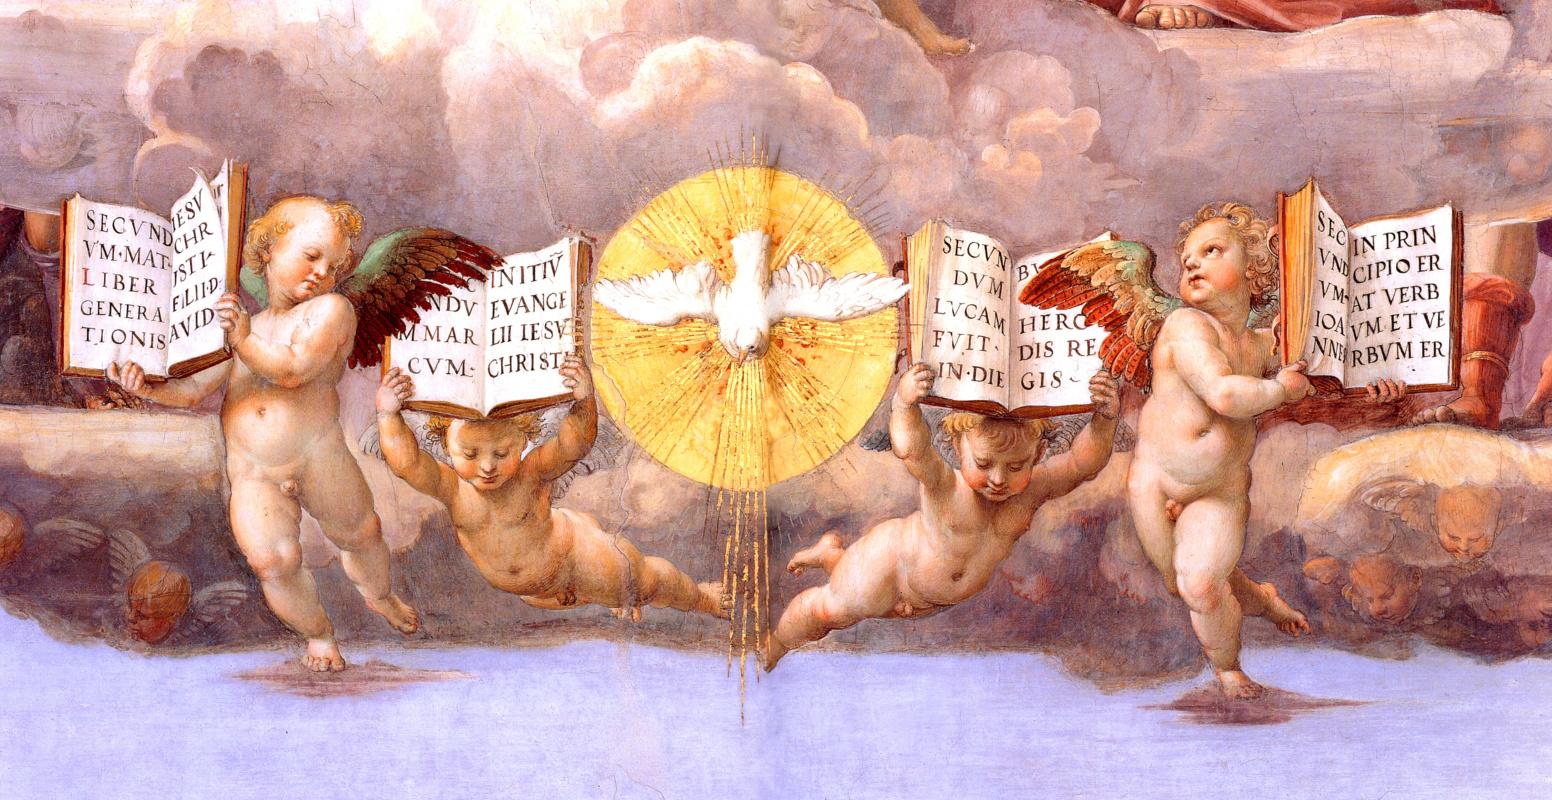 """Рафаэль Санти. Станца делла Сеньятура. Фреска """"Диспут"""". Фрагмент: Святой дух в виде голубя и ангелы с евангелиями"""